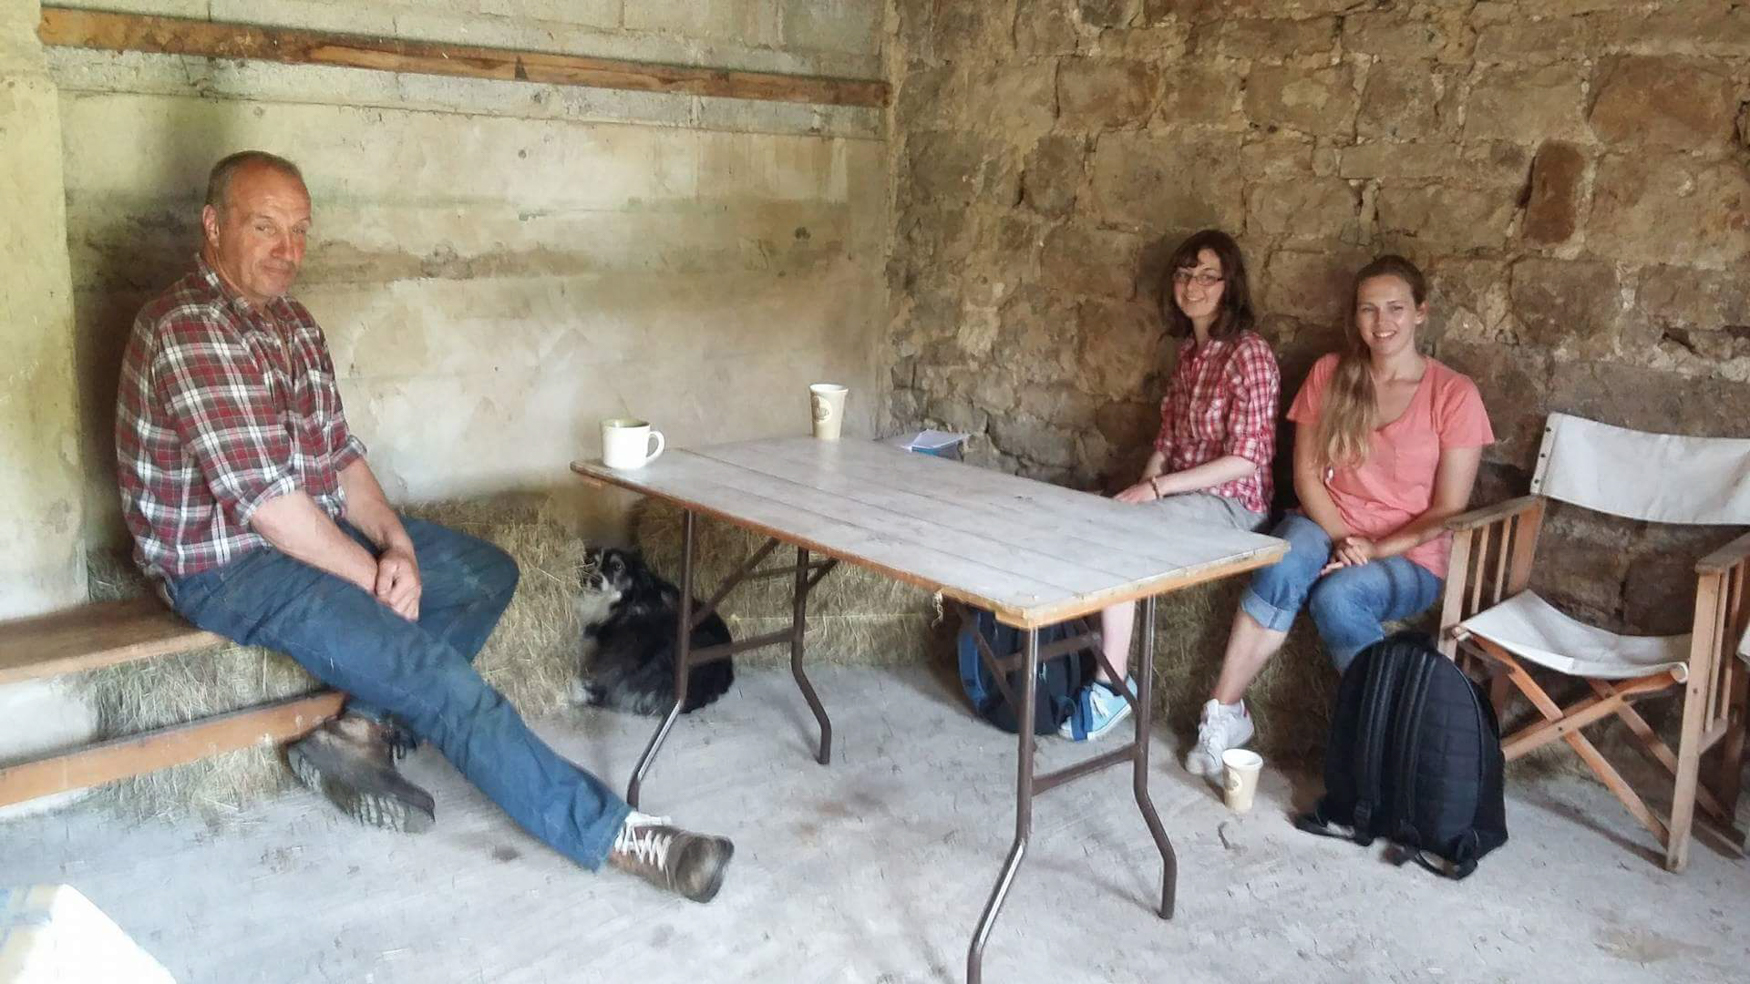 interviewing farmer Stuart Hird at Yockenthwaite